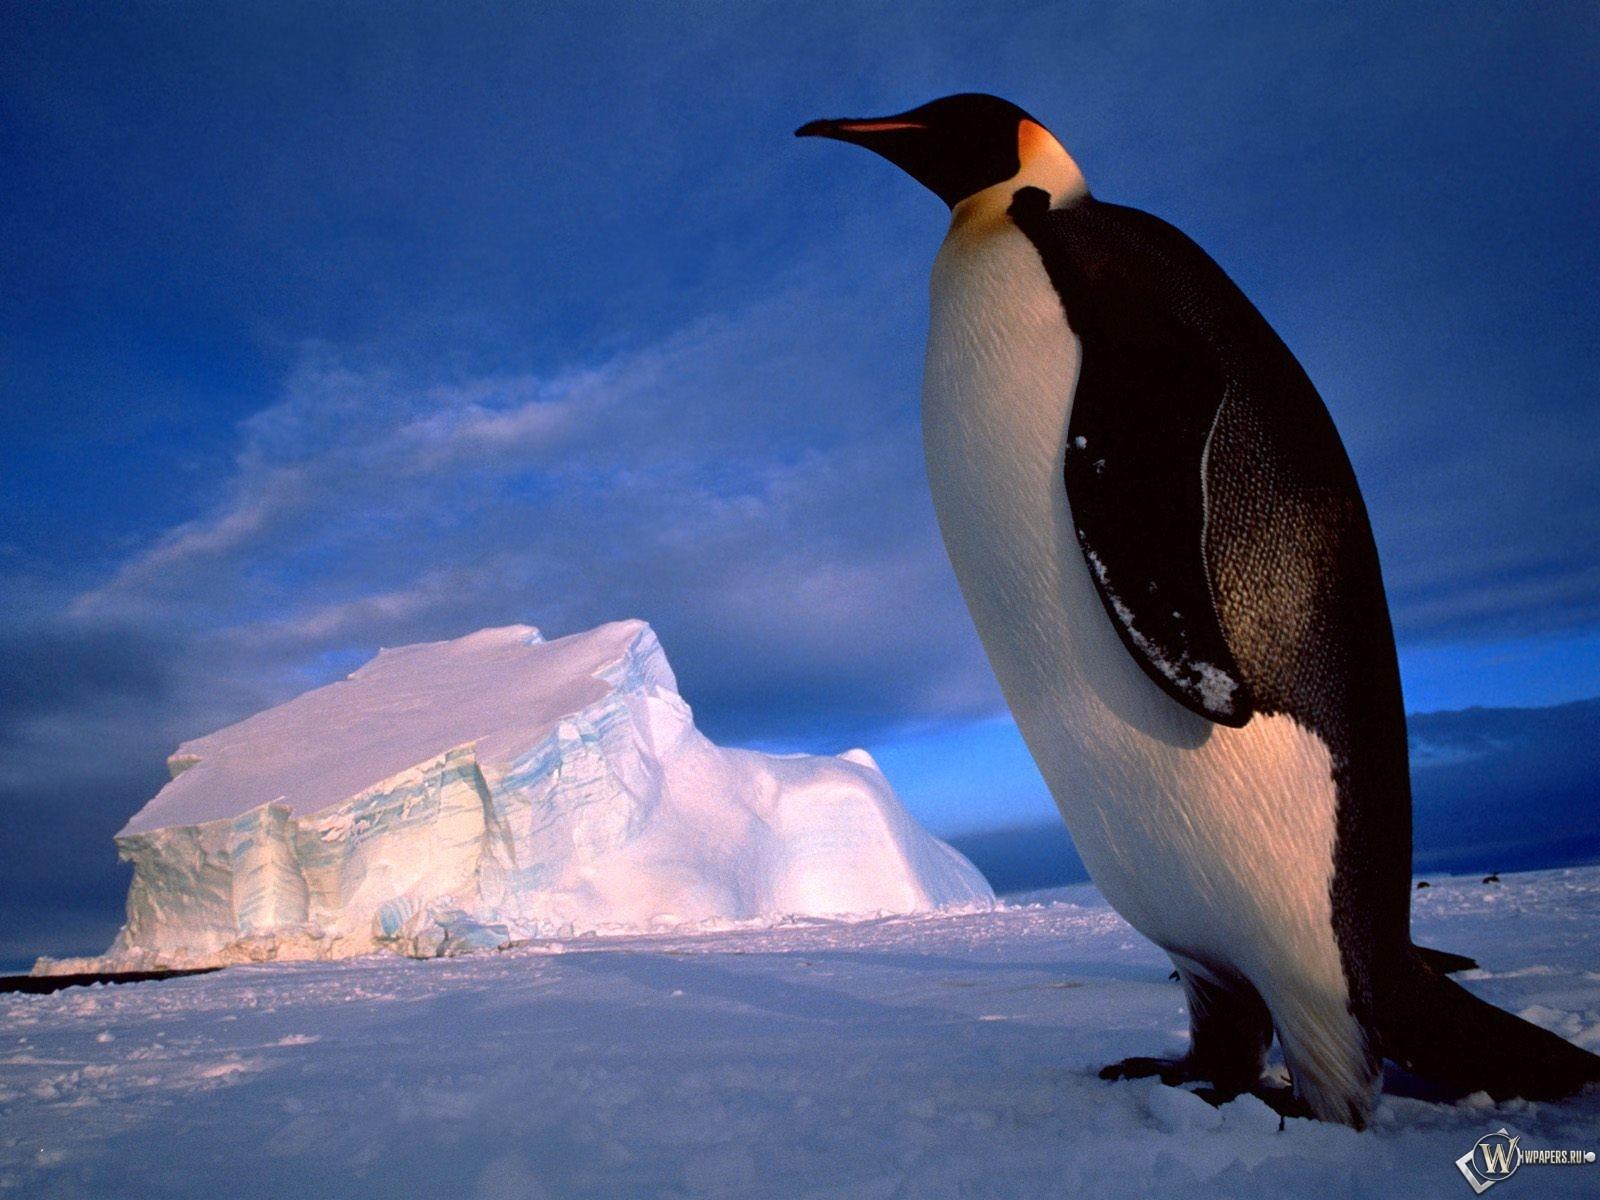 Пингвин на фоне глыбы 1600x1200